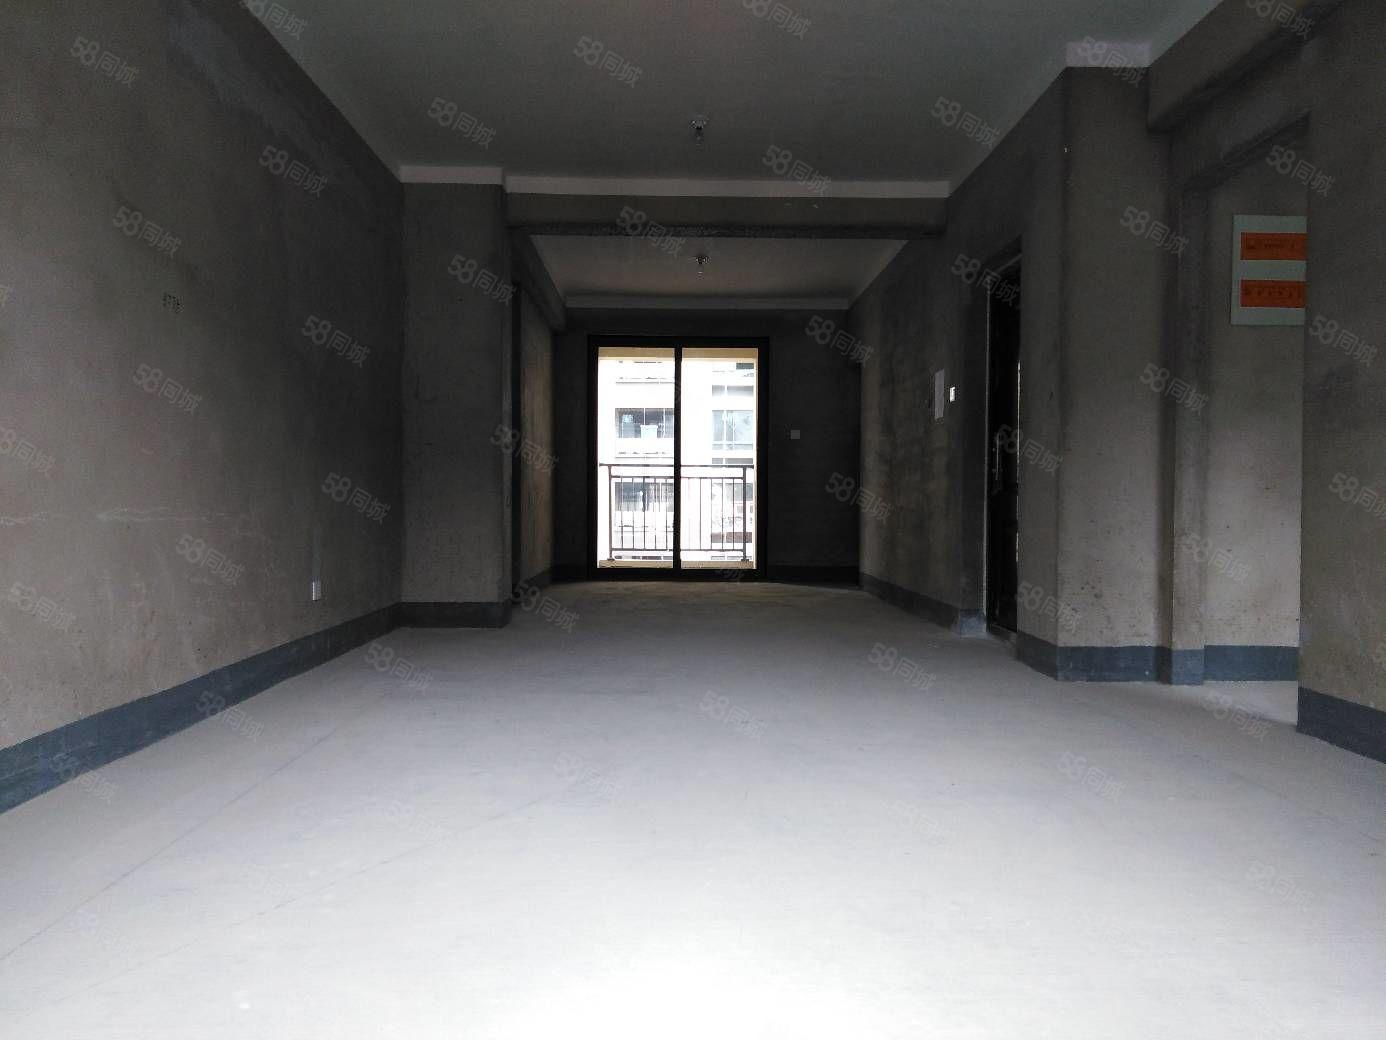 祥生和家园花园洋房110平方3室2厅2卫3阳台南北通透